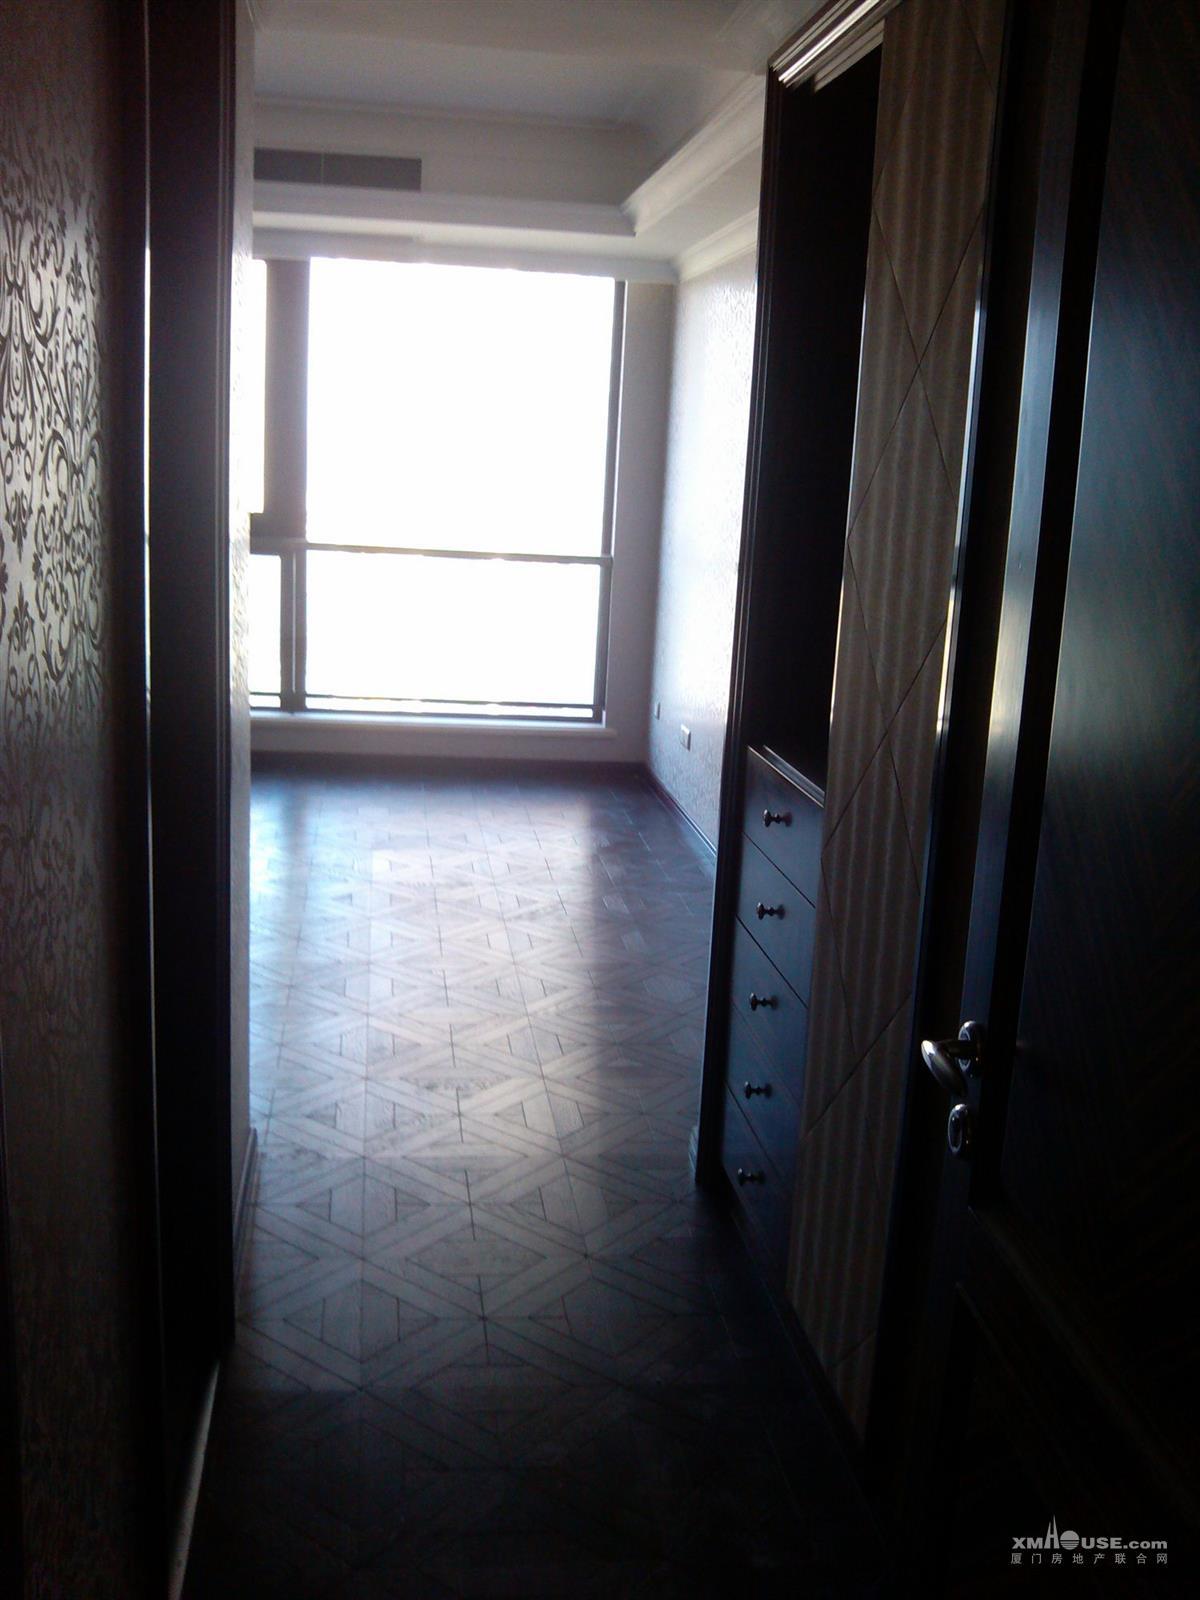 房屋用途:住宅 所在楼层: 第15层/共21层  户型布局:5房2厅4卫3阳台